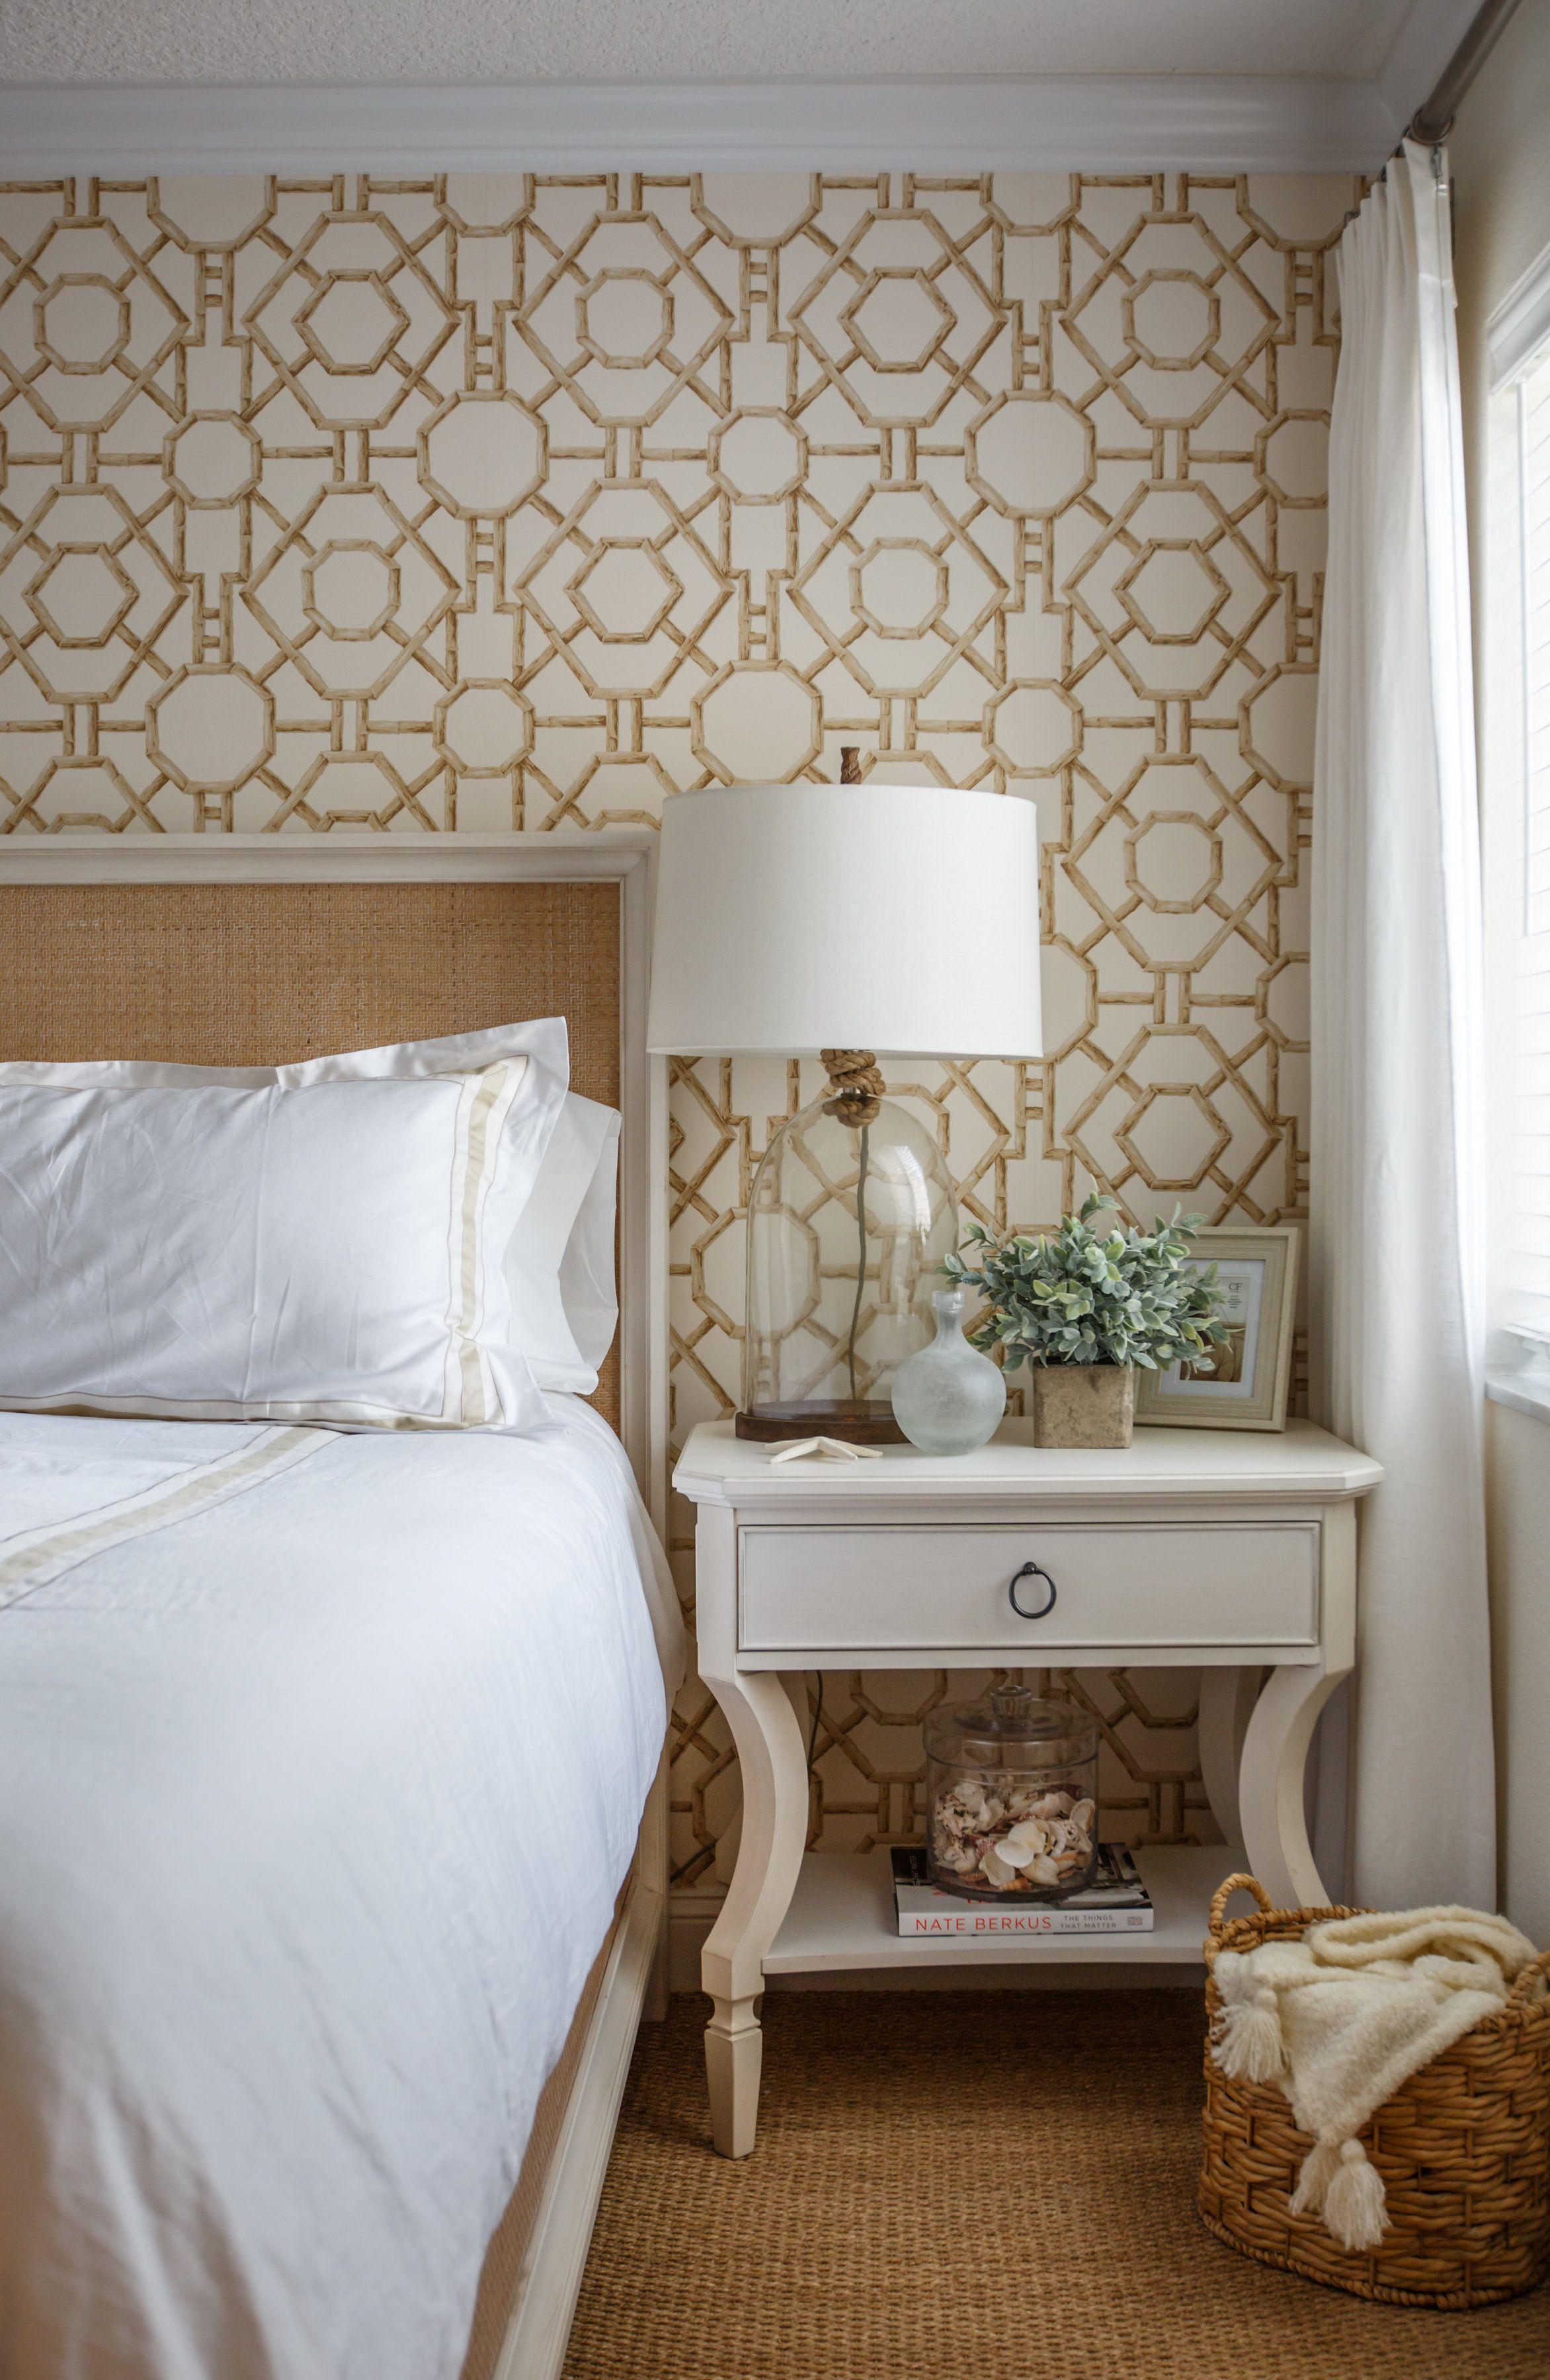 9 Bedroom Wallpaper Ideas - Statement Wallpapers We Love